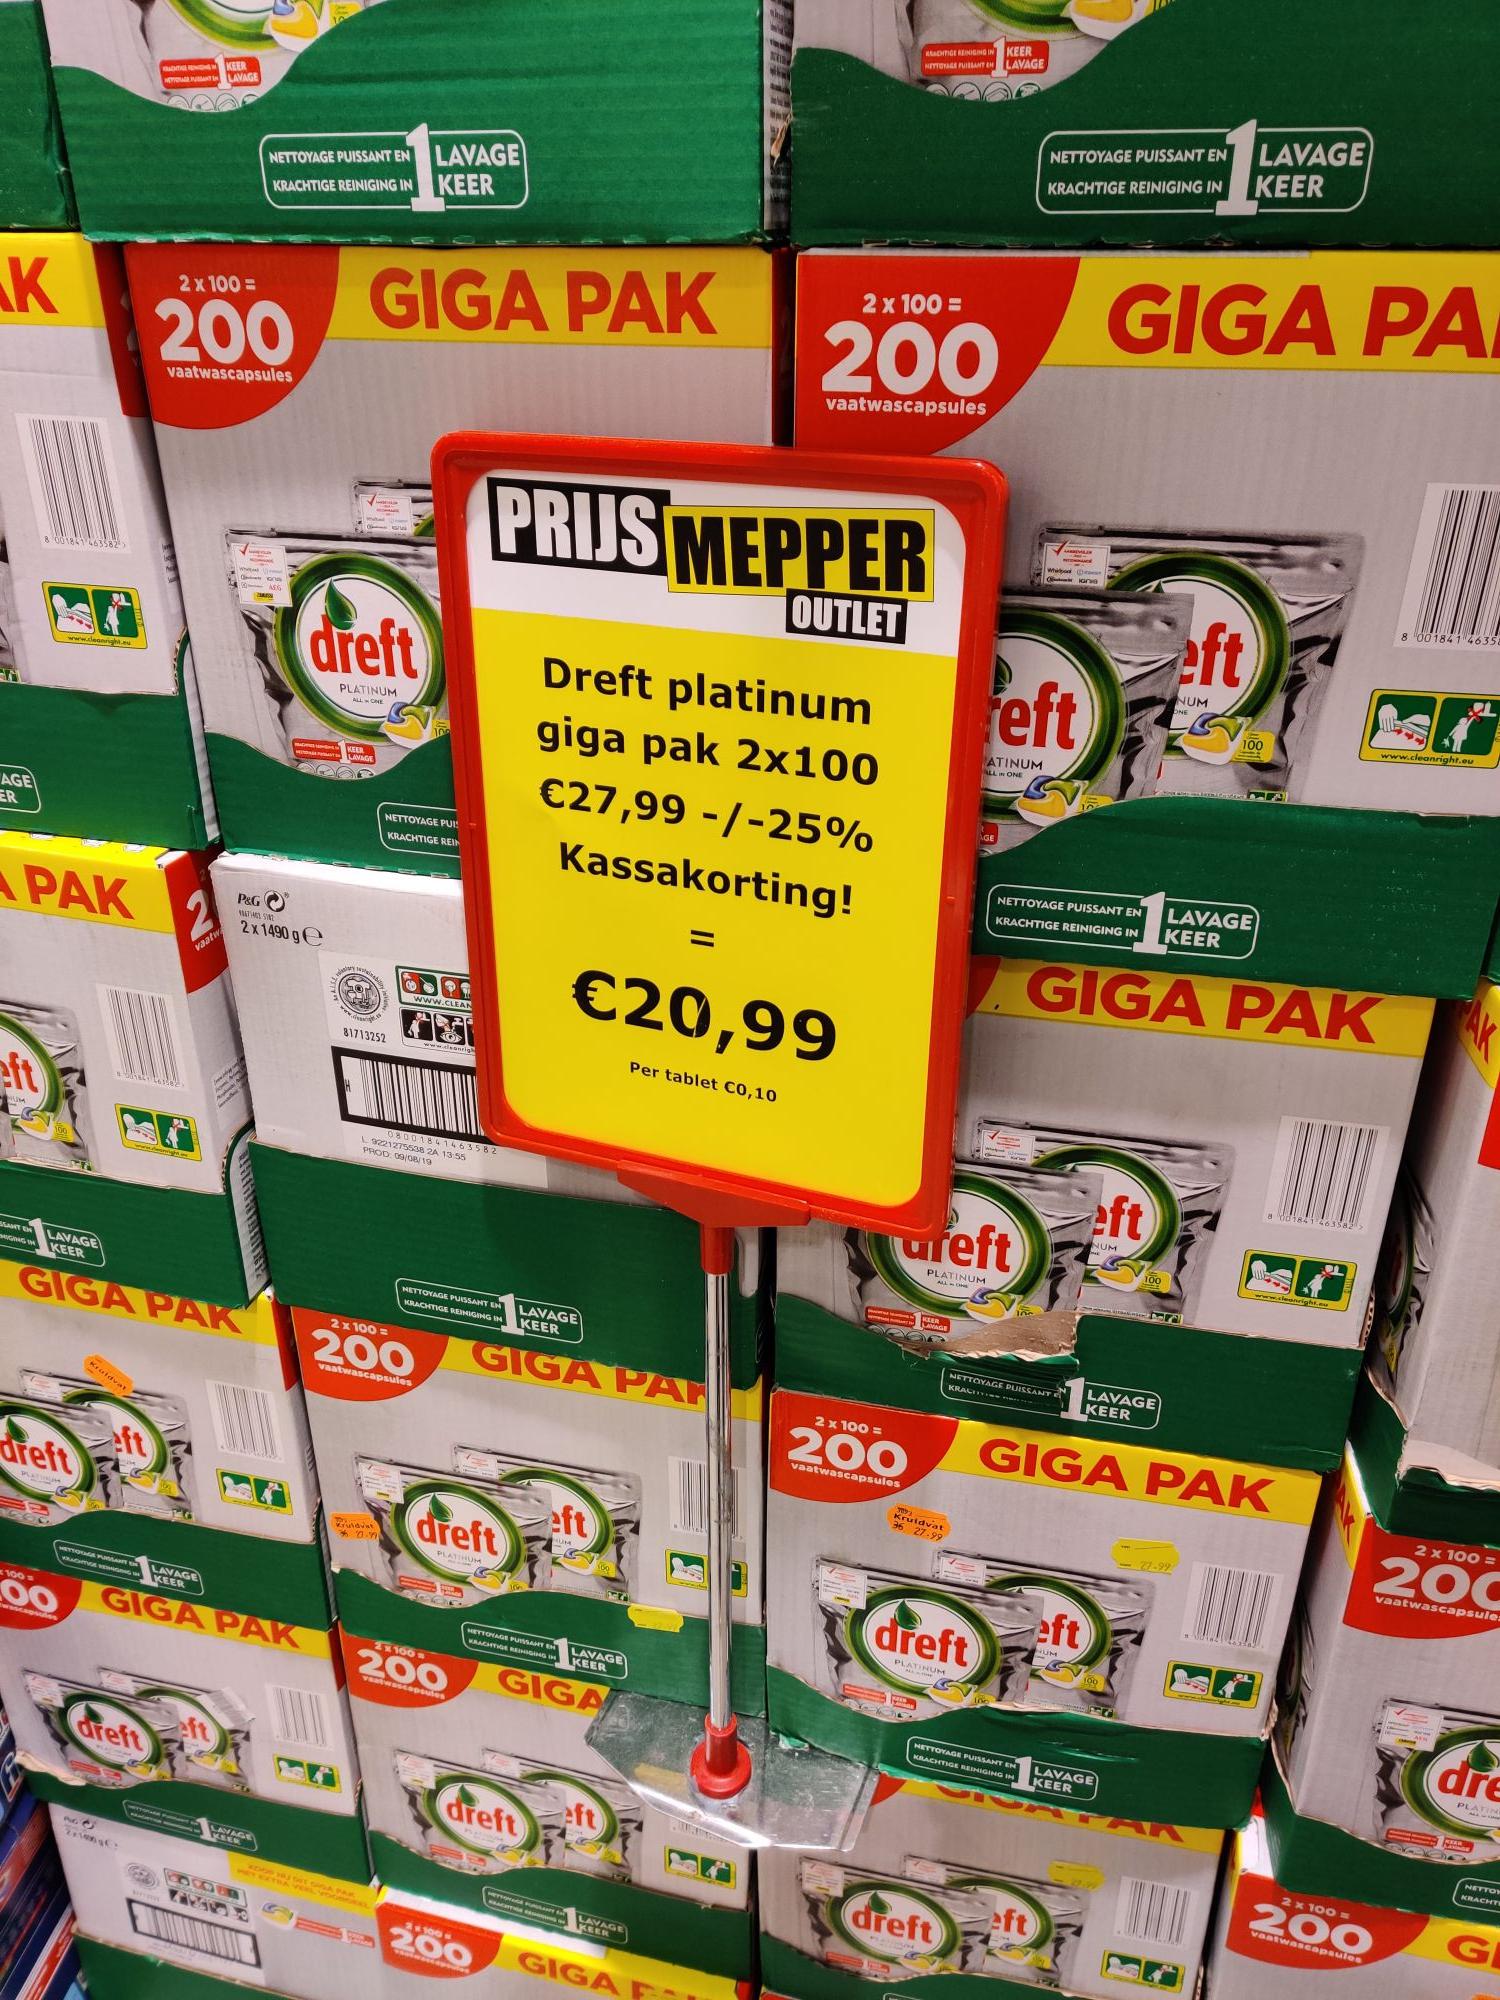 Prijsmepper, 200 dreft platinum vaatwastabletten voor 20,99